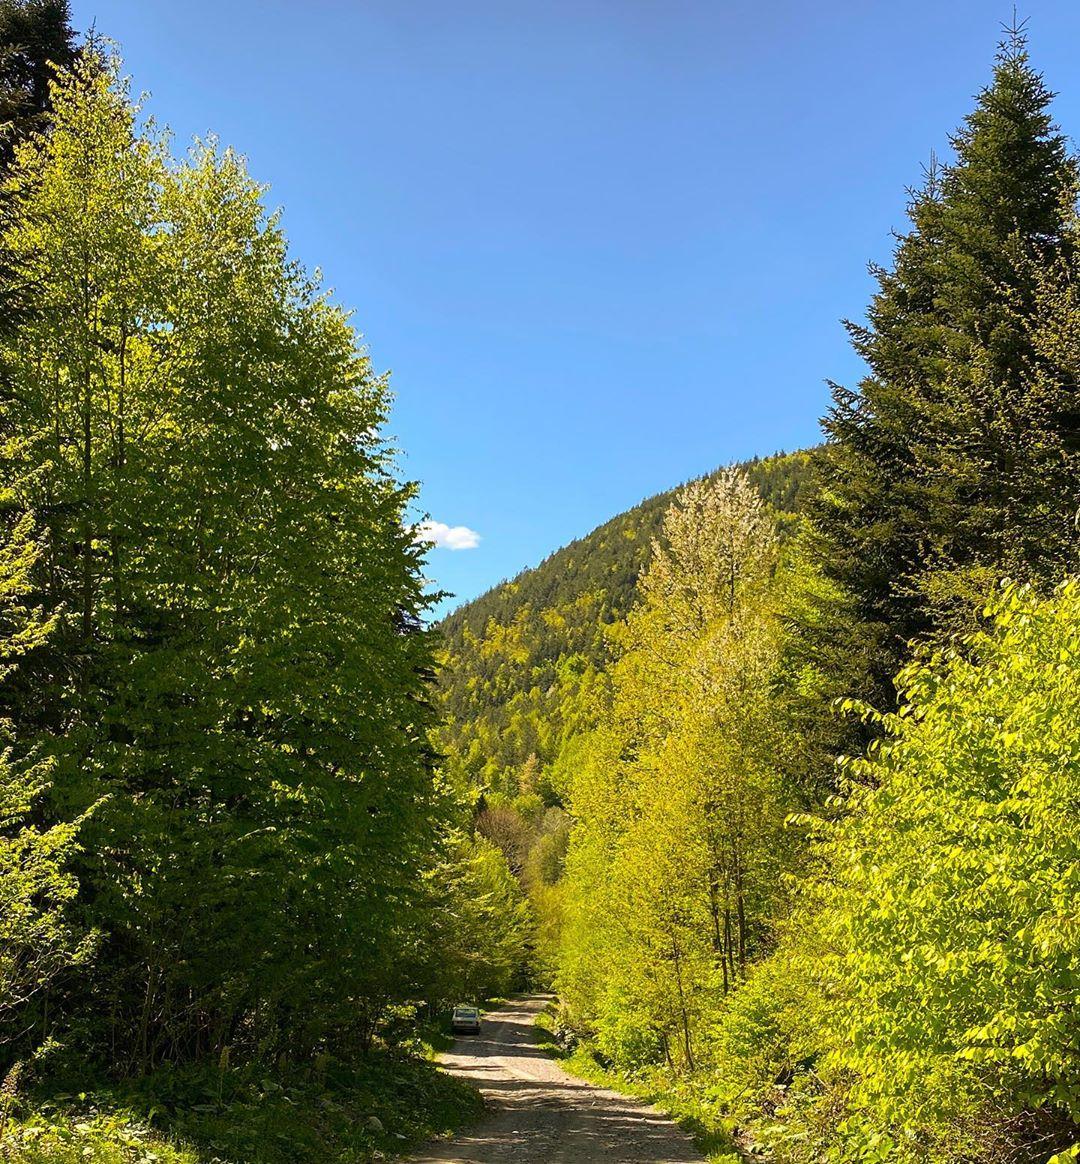 Donwload Photo Kaligrafi Mengen dağlarından #orman #ağaç #yeşil #doğa #tabiat…- Osman Ozcay